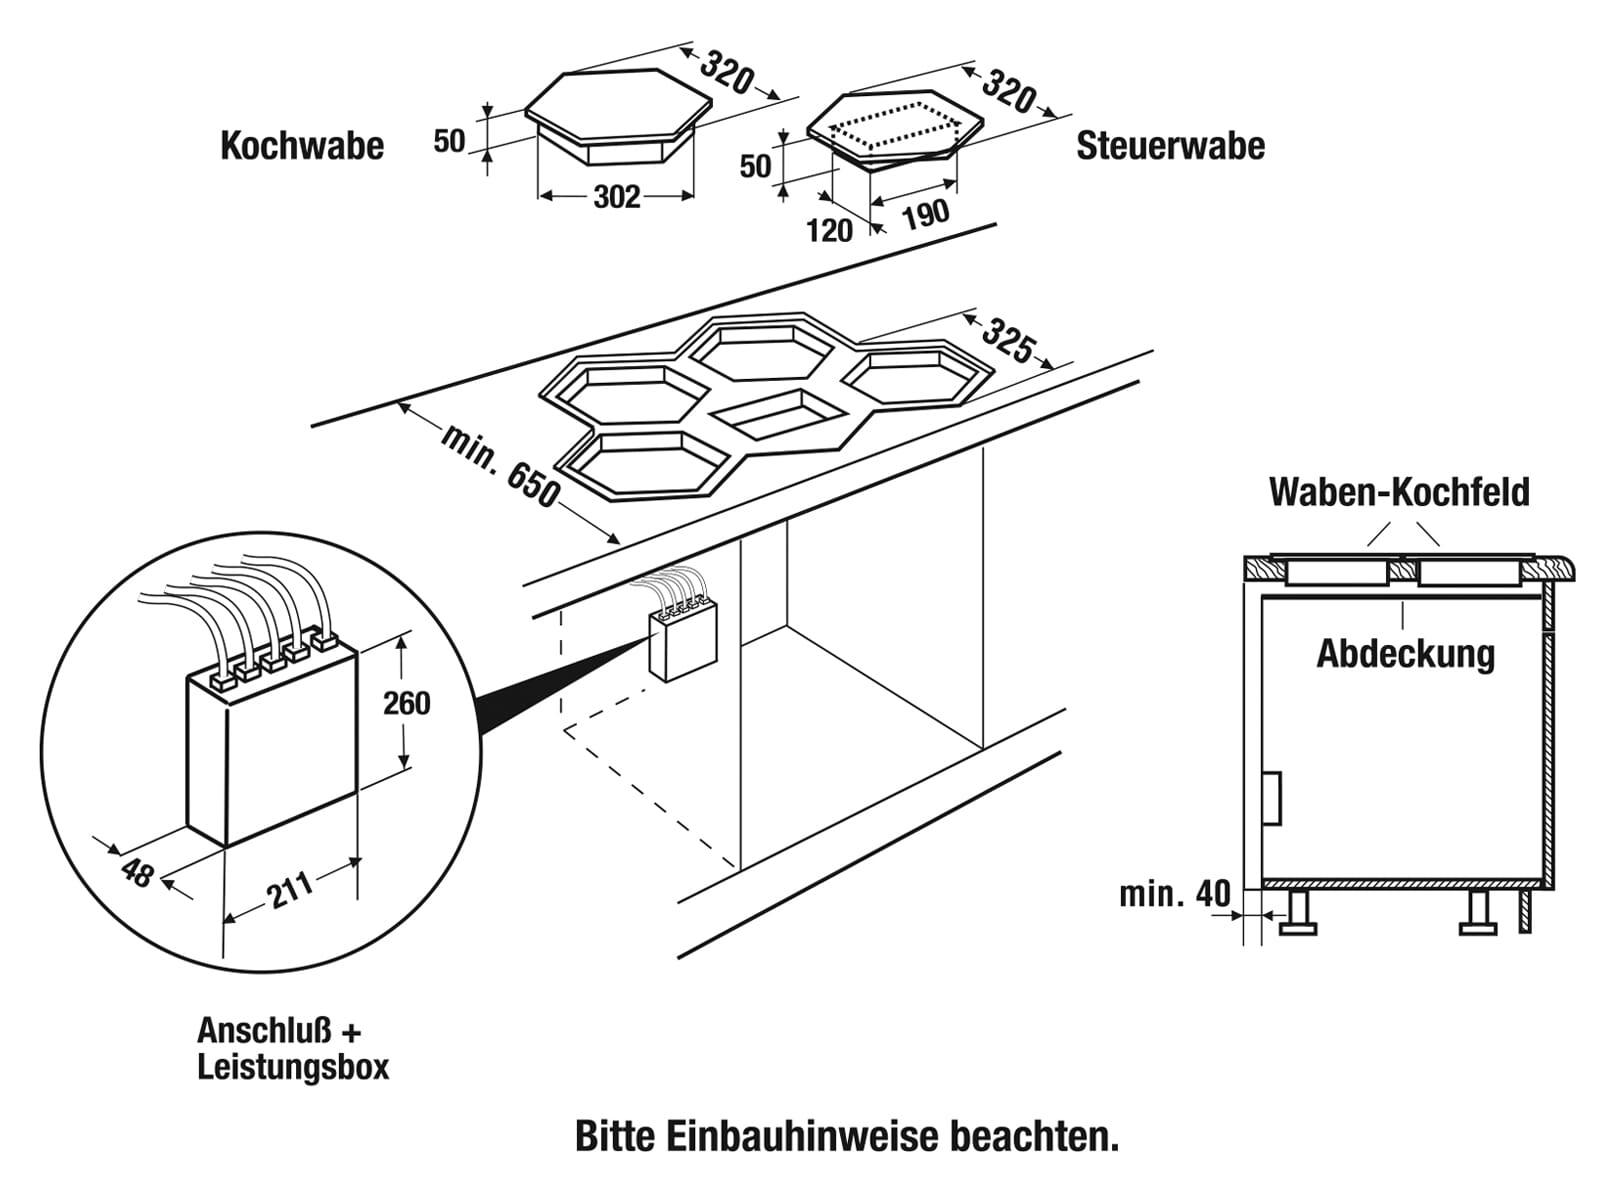 Küppersbusch EKWI 3740.0 S K-Series. 8 Induktionskochfeld autark